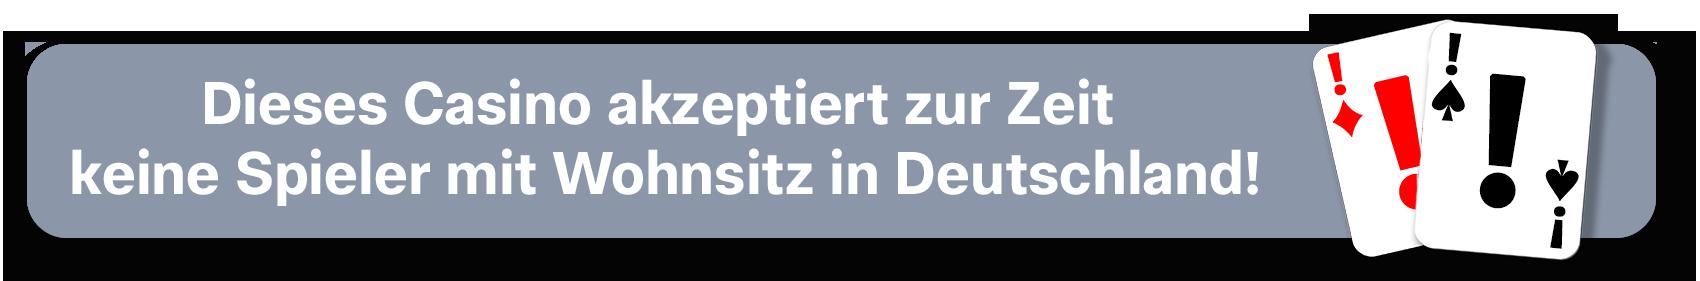 Keine Spieler aus Deutschland